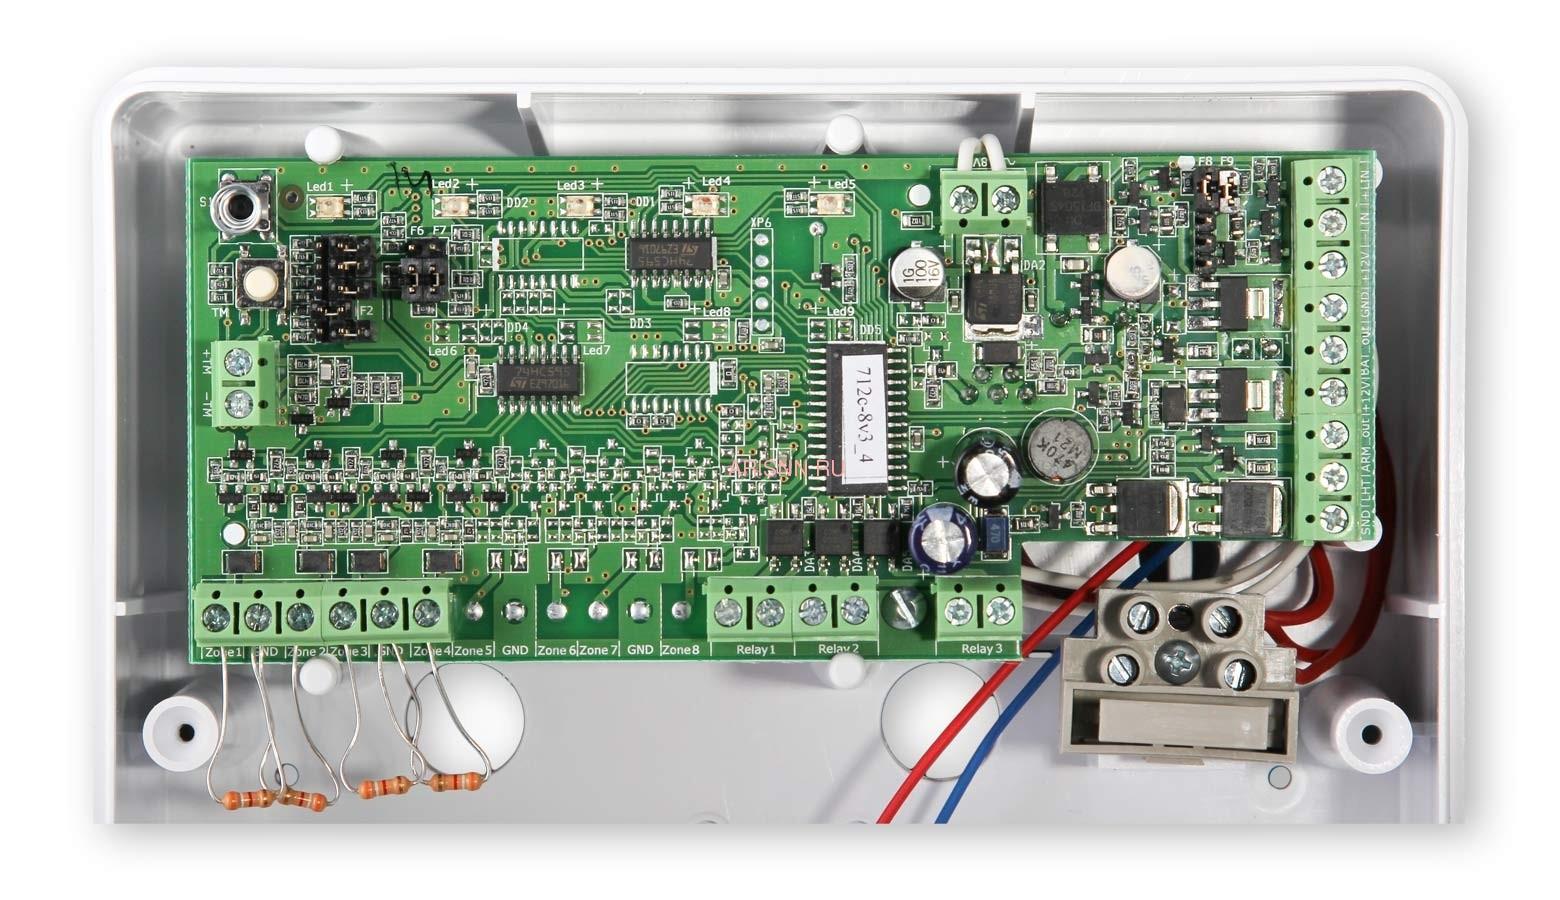 Прибор приемно-контрольный охранно-пожарный Астра-712/4 (ППКОП 01101349) - 5